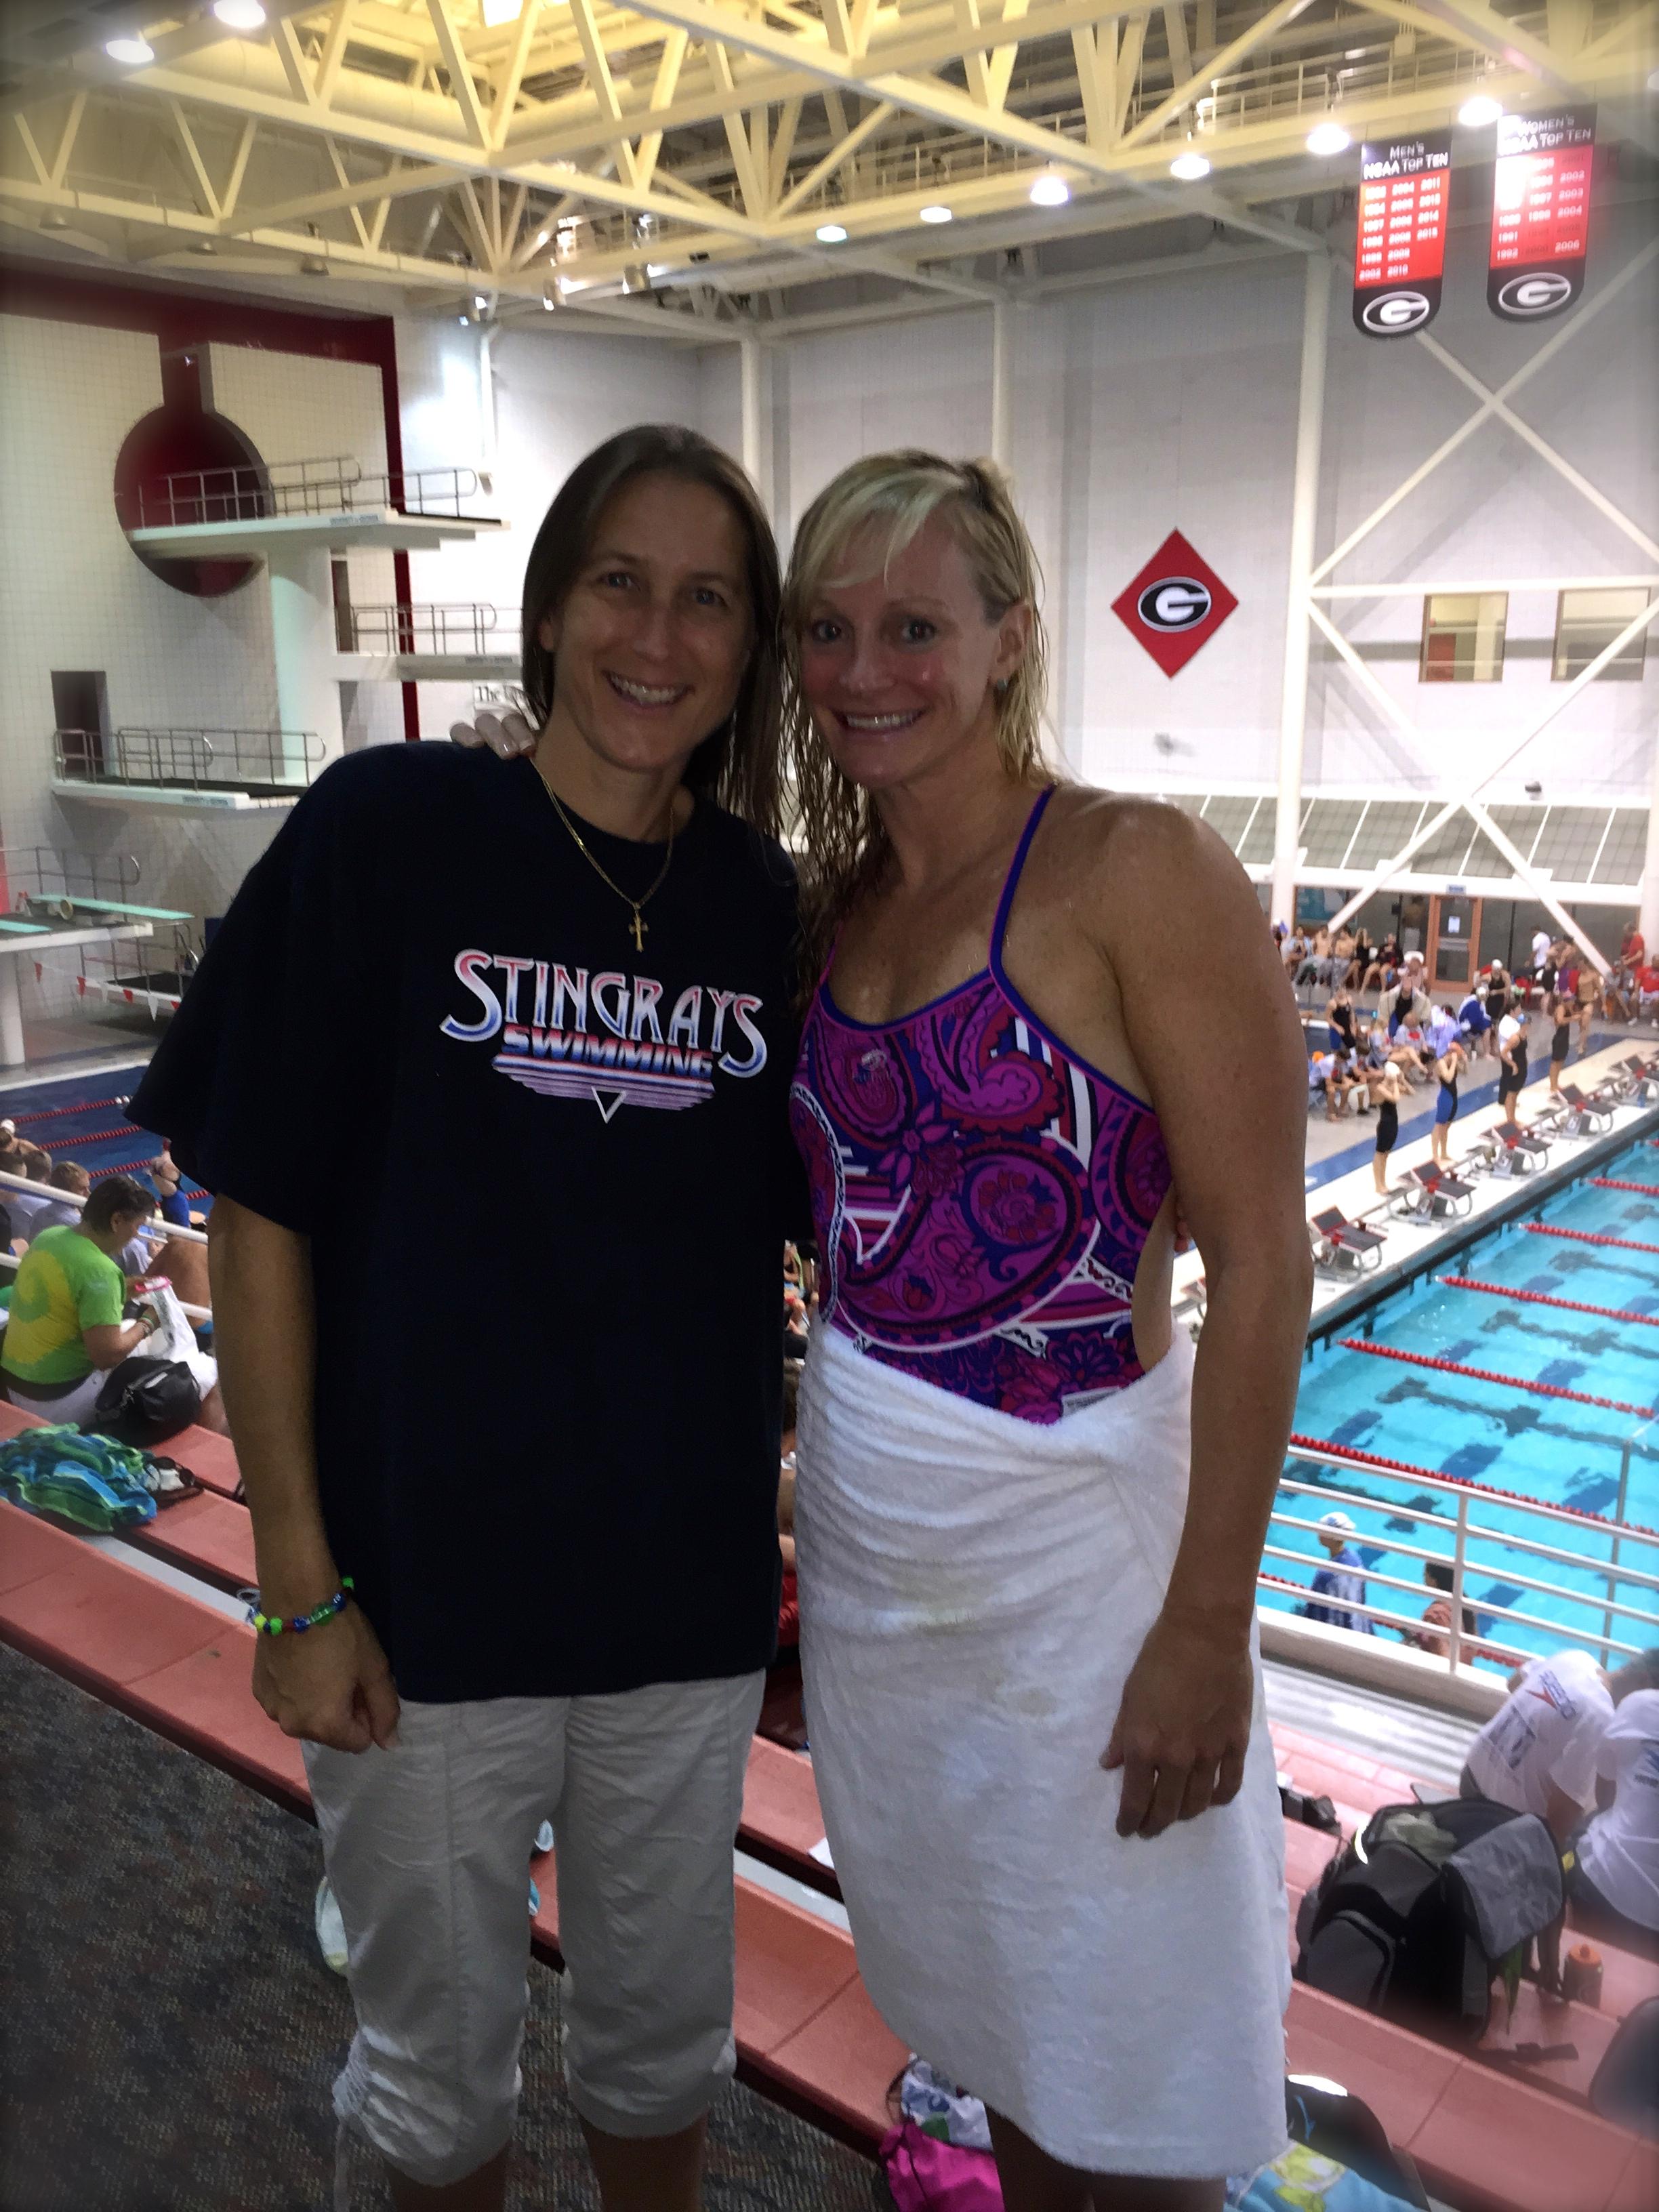 Long-time UGA swimmer buds Caroline Horne and Erika